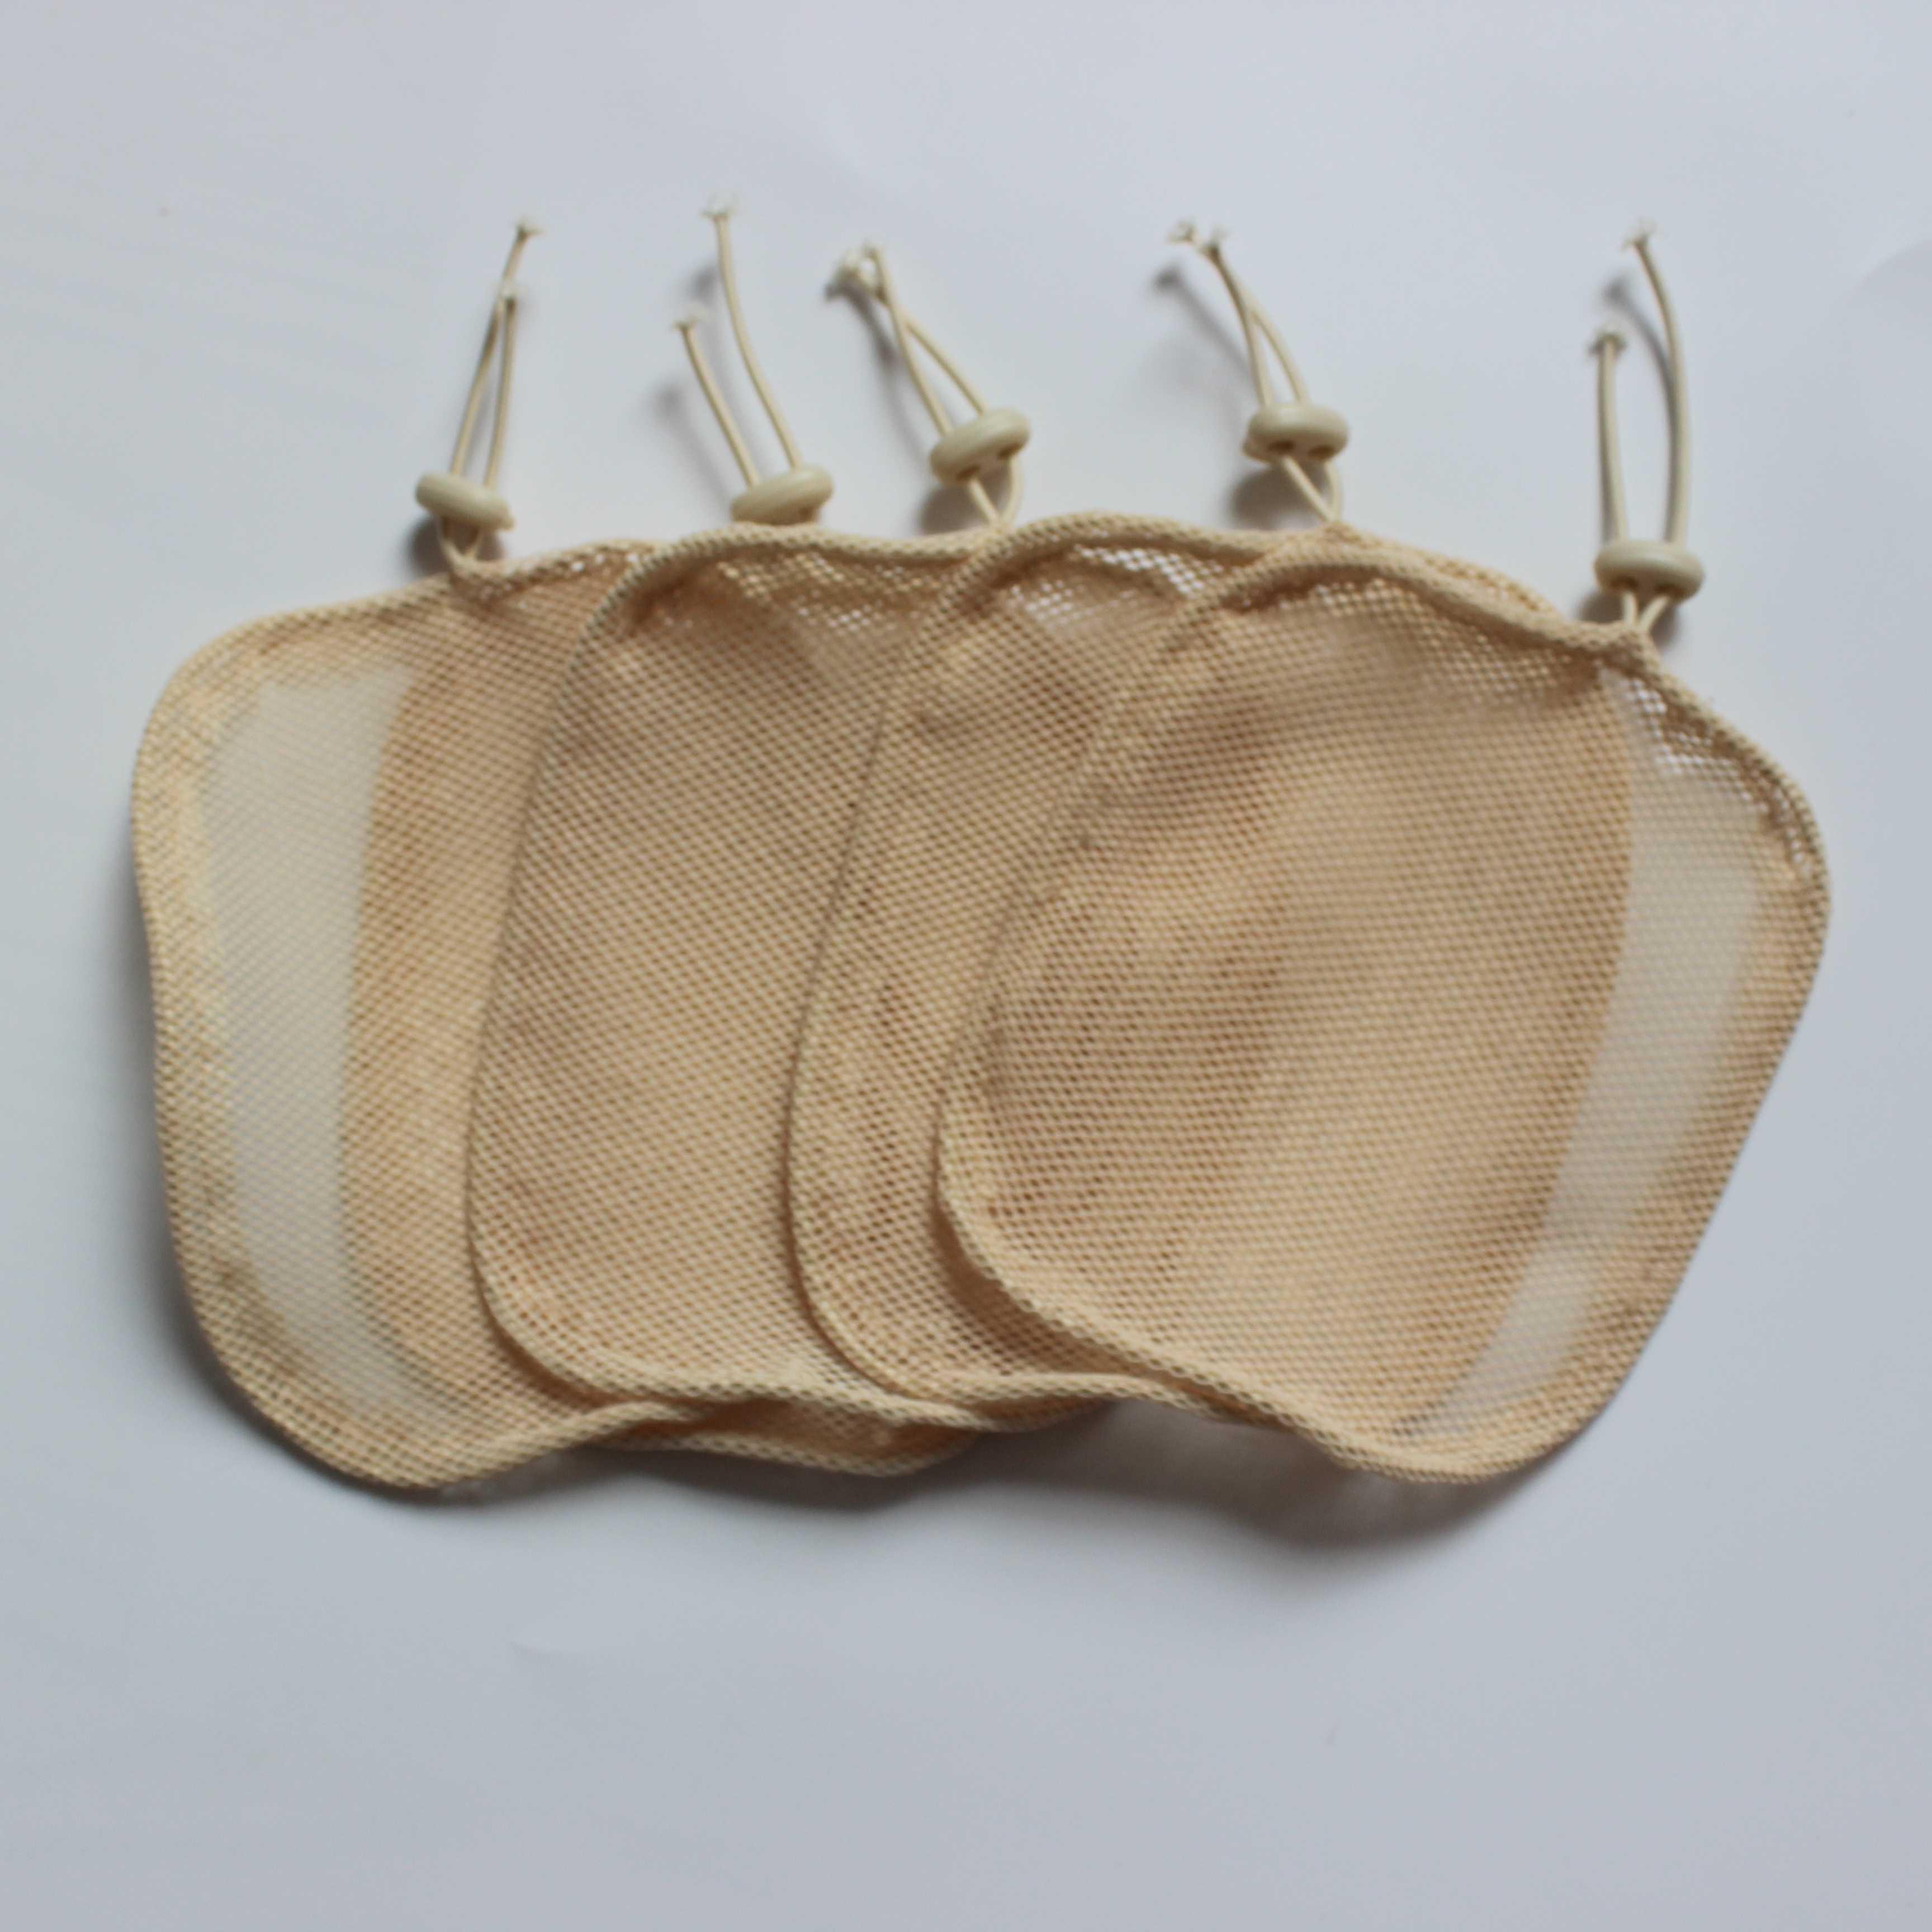 2 farbe Schwarz Und Beige Hohe Qualität Haar Net Für, Der Pferdeschwanz Und Afro Haar Brötchen Perücke Caps Haarnetz Großhandel preis